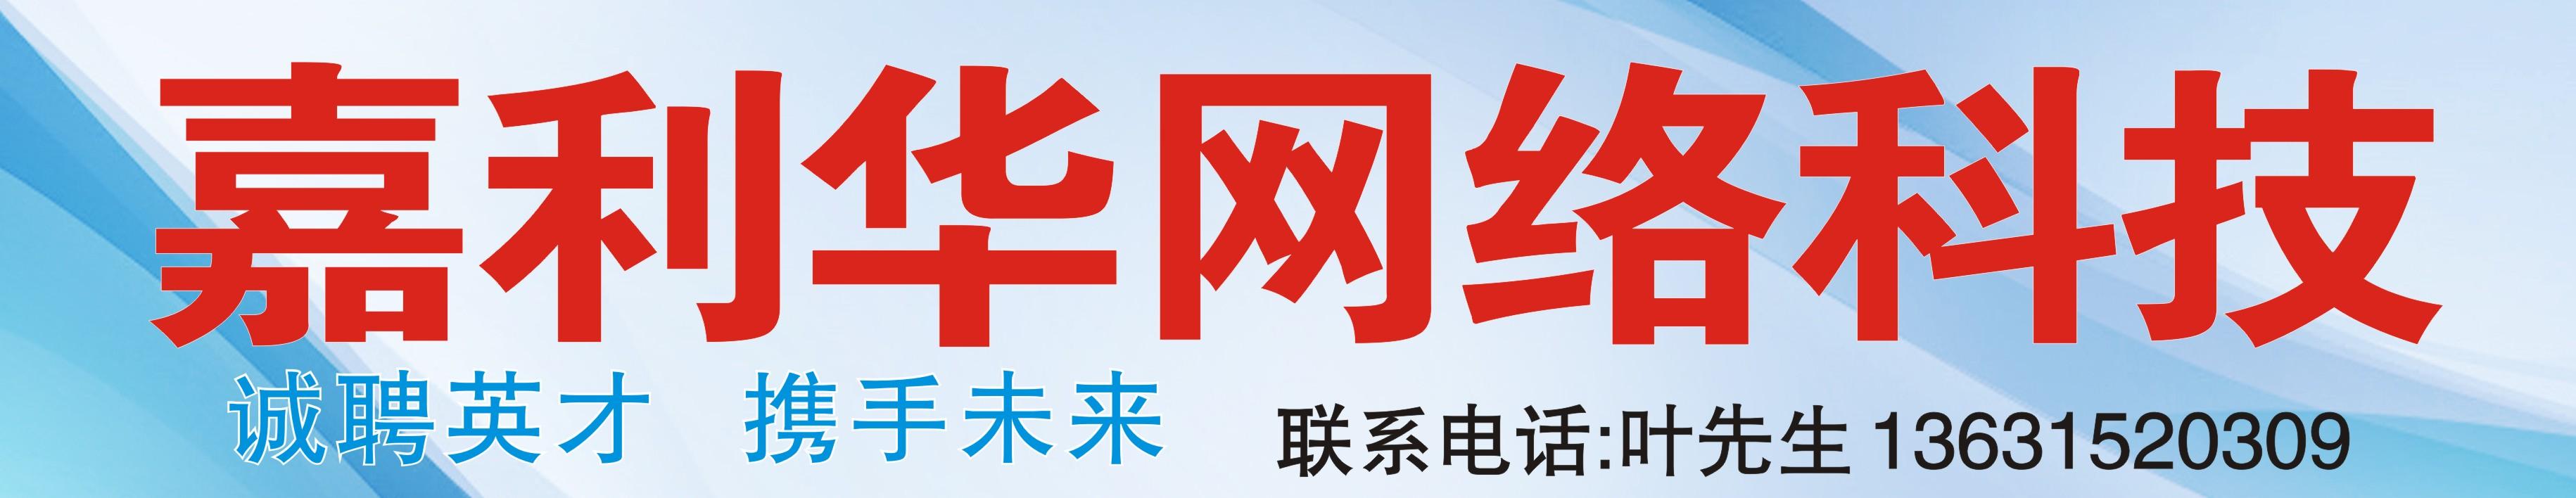 嘉利華網絡科技